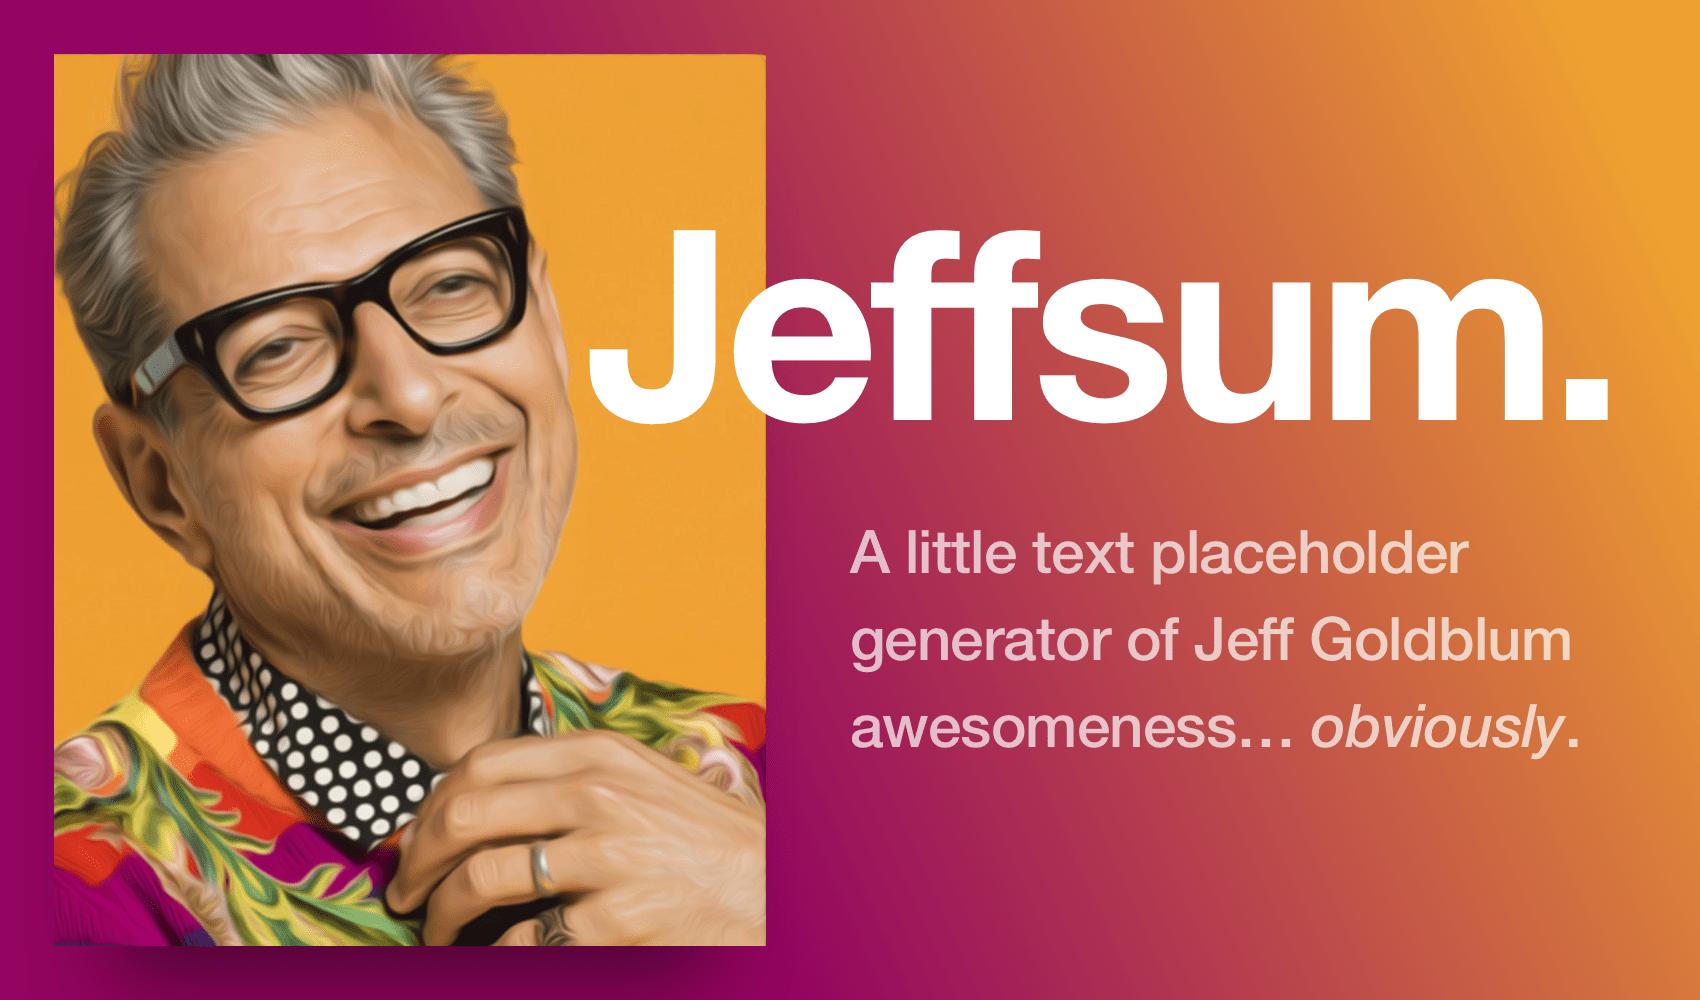 jeffsum.com